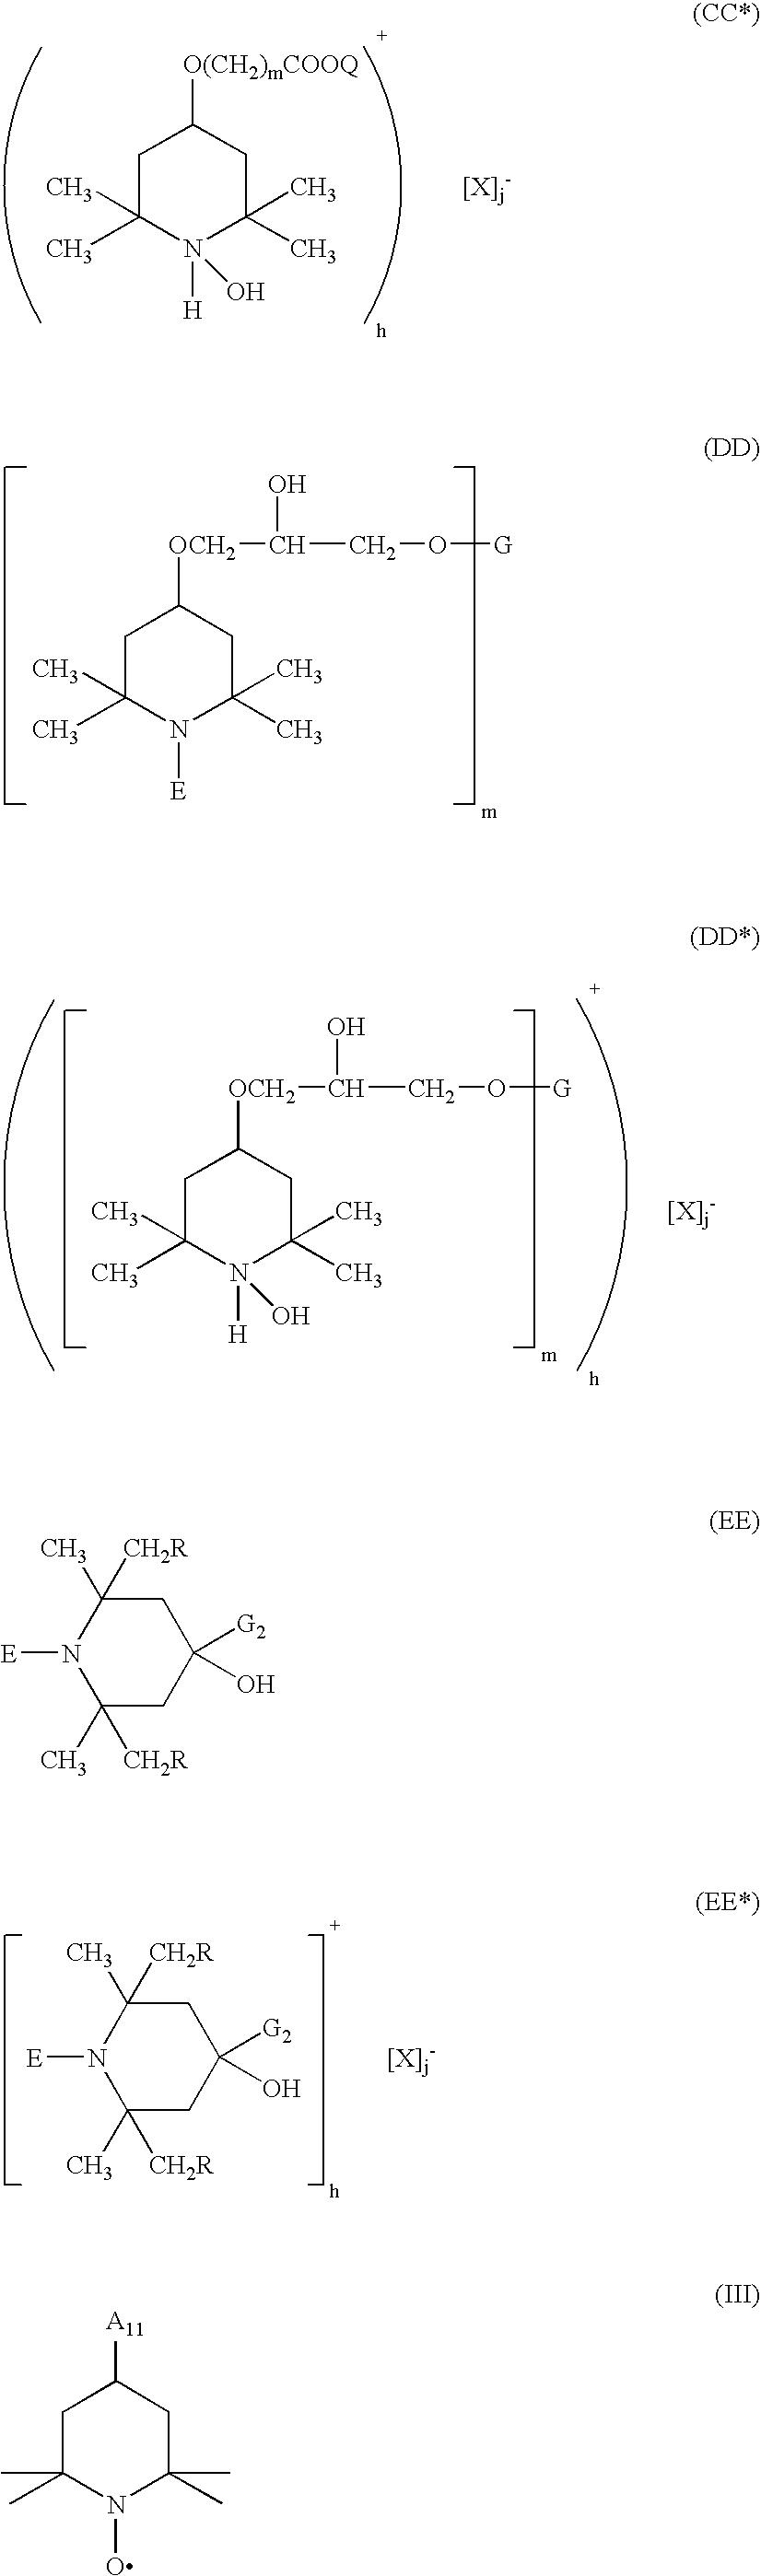 Figure US20040074417A1-20040422-C00012